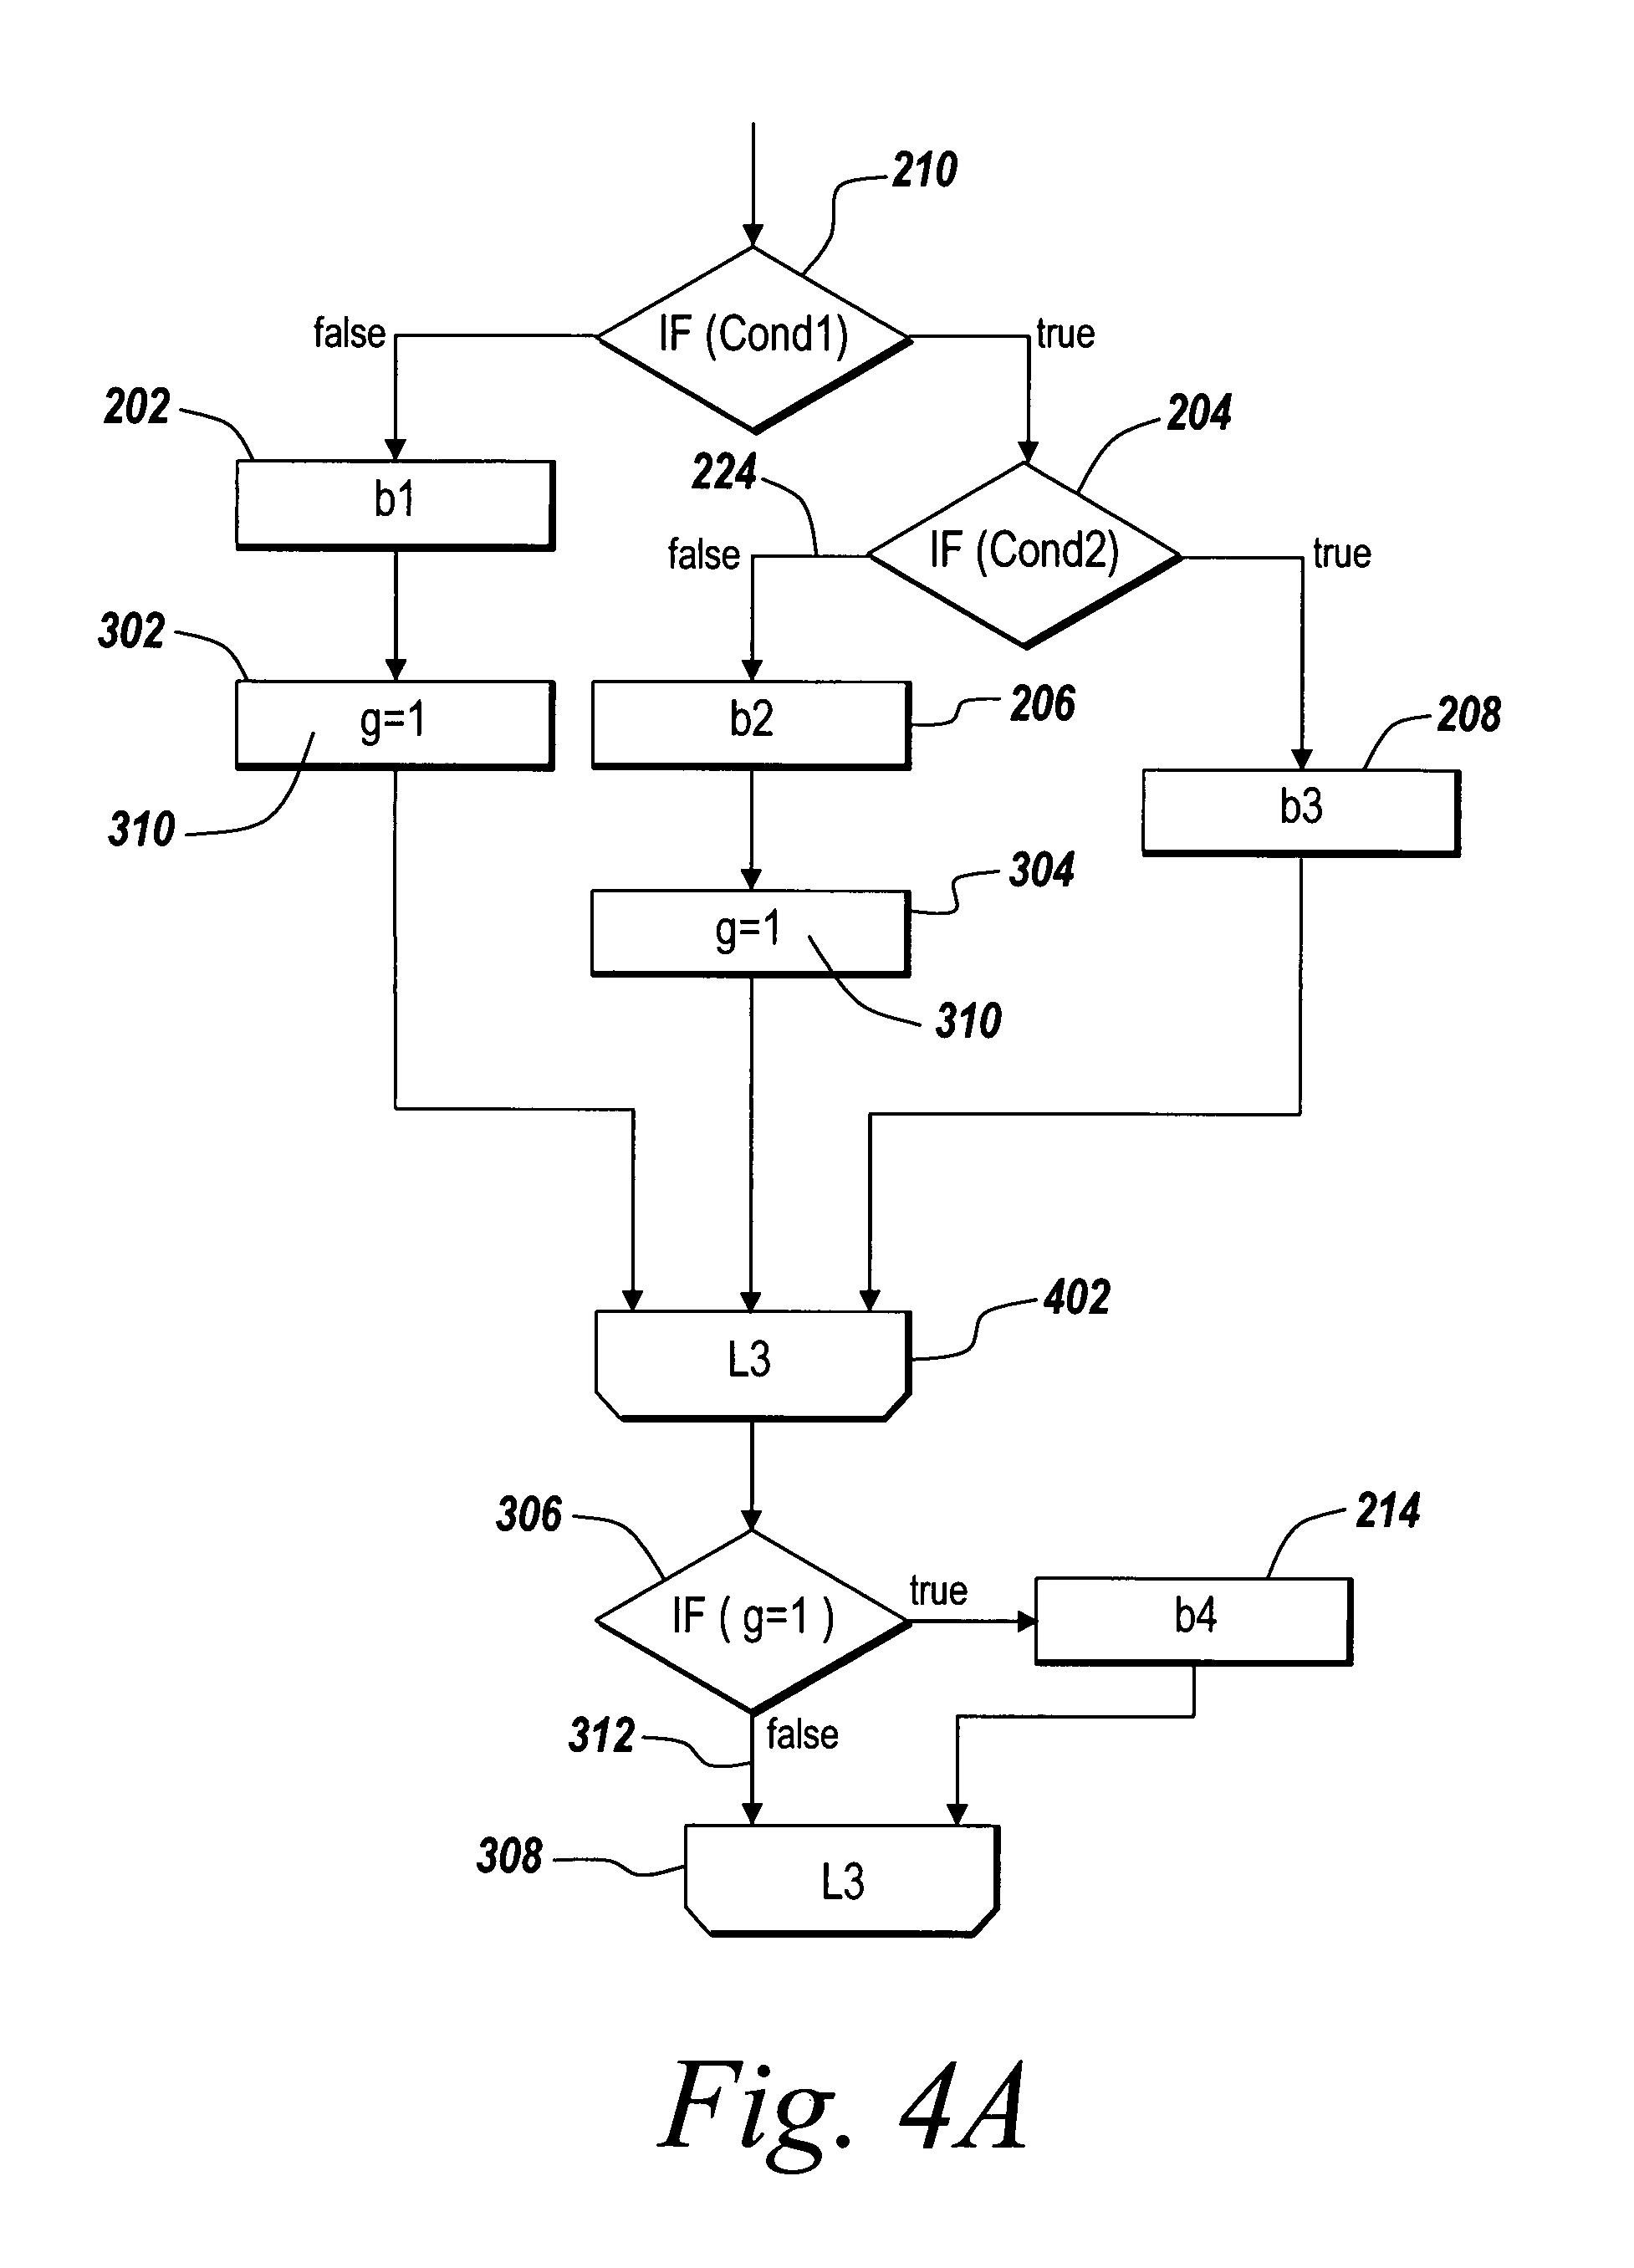 85 Kubota L2350 Wiring Diagram – L2350 Kubota Wiring Diagram